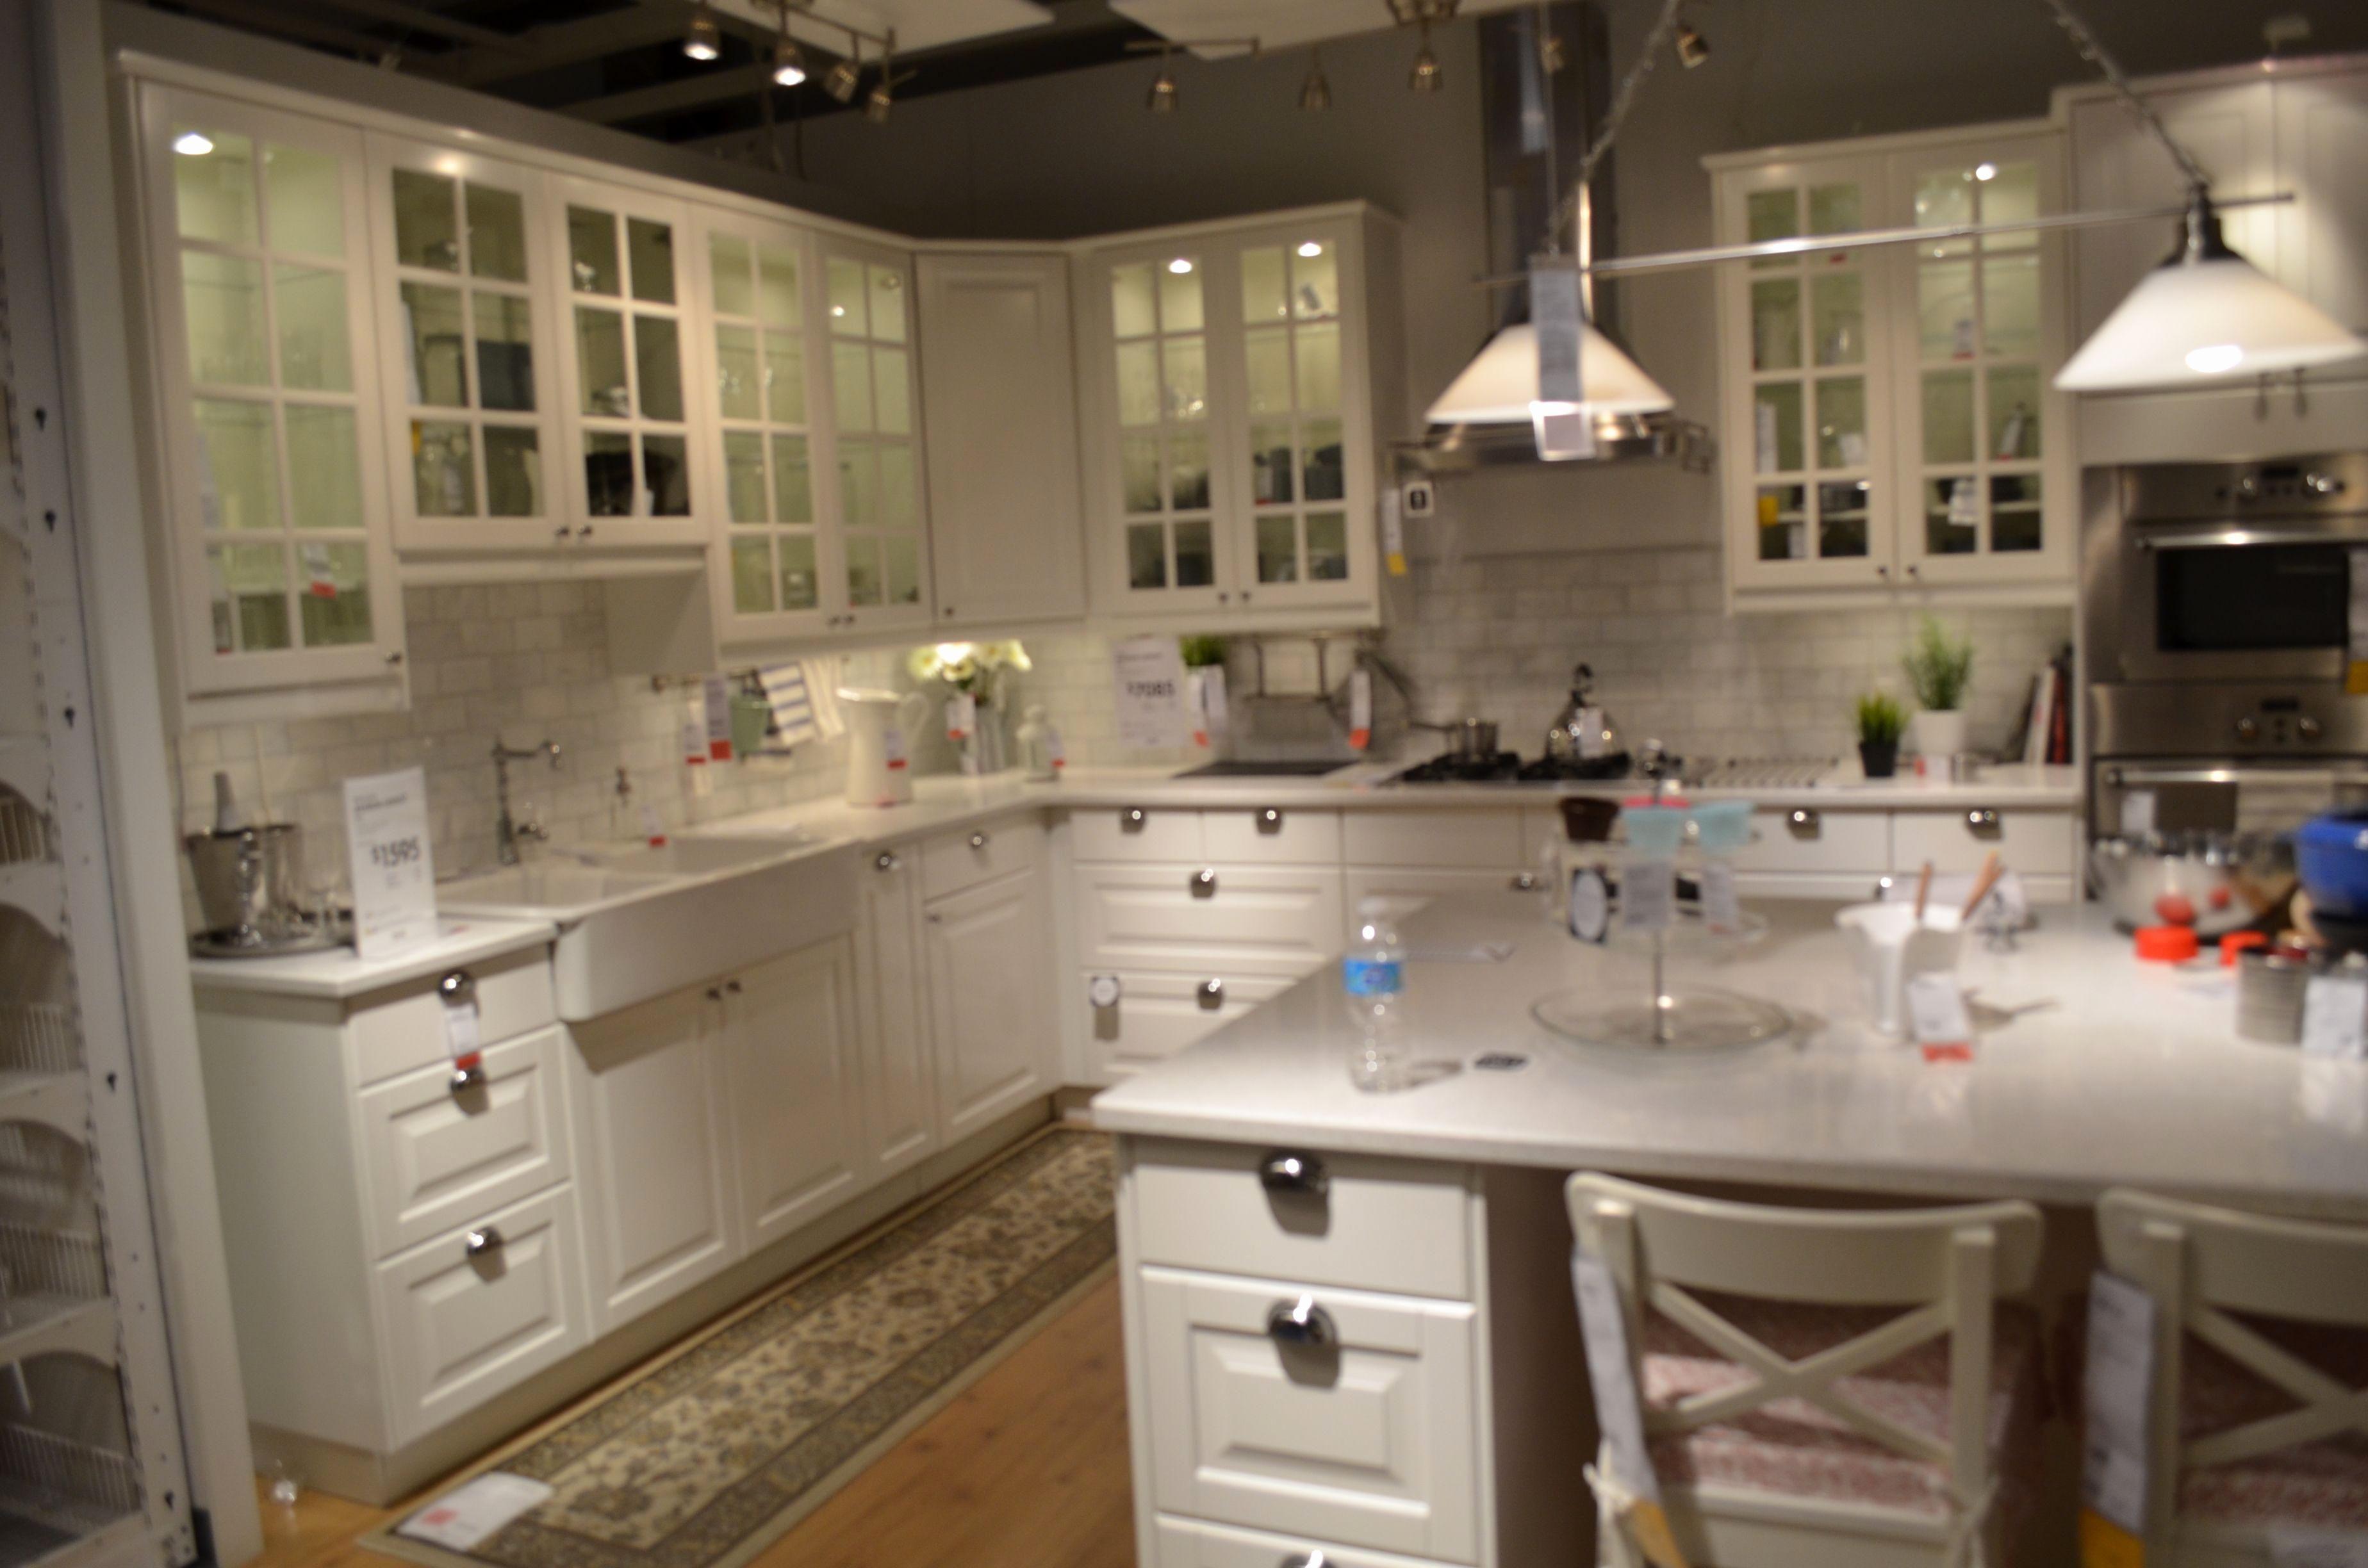 Cabinet Hardware Dallas Tx Cabinet Hardware Kommt Vorne In Der Mitte Es War Nicht So Lange Her Dass Das Kabinett Deco Maison Idee Cuisine Maison